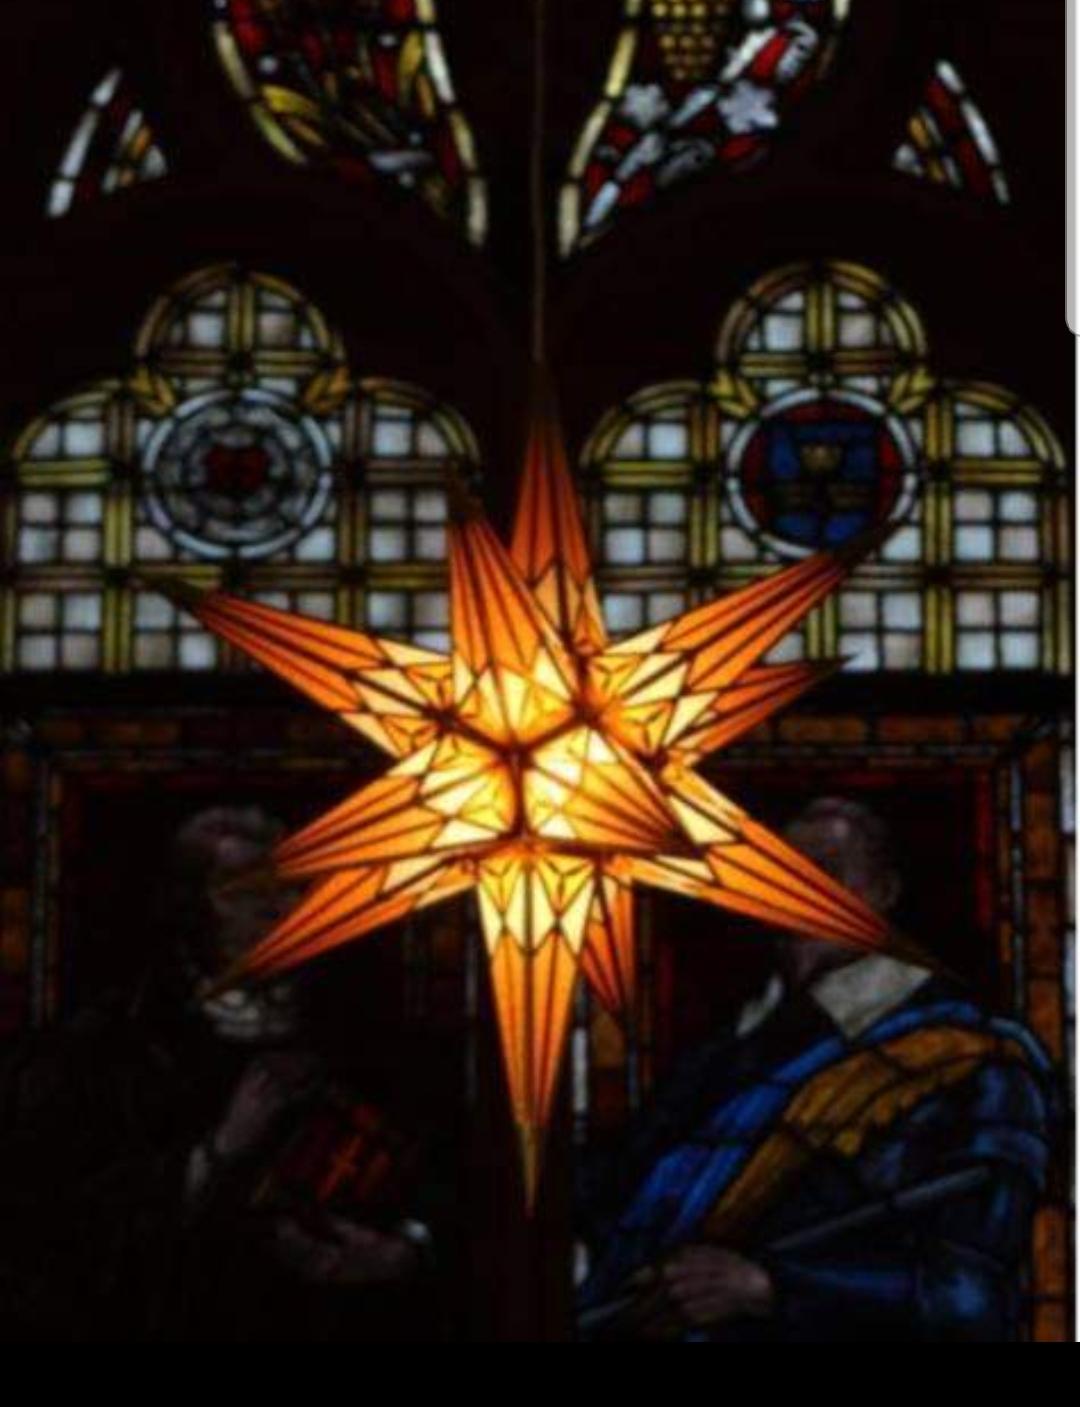 Unsere Gottesdienste an Weihnachten und zum Jahreswechsel